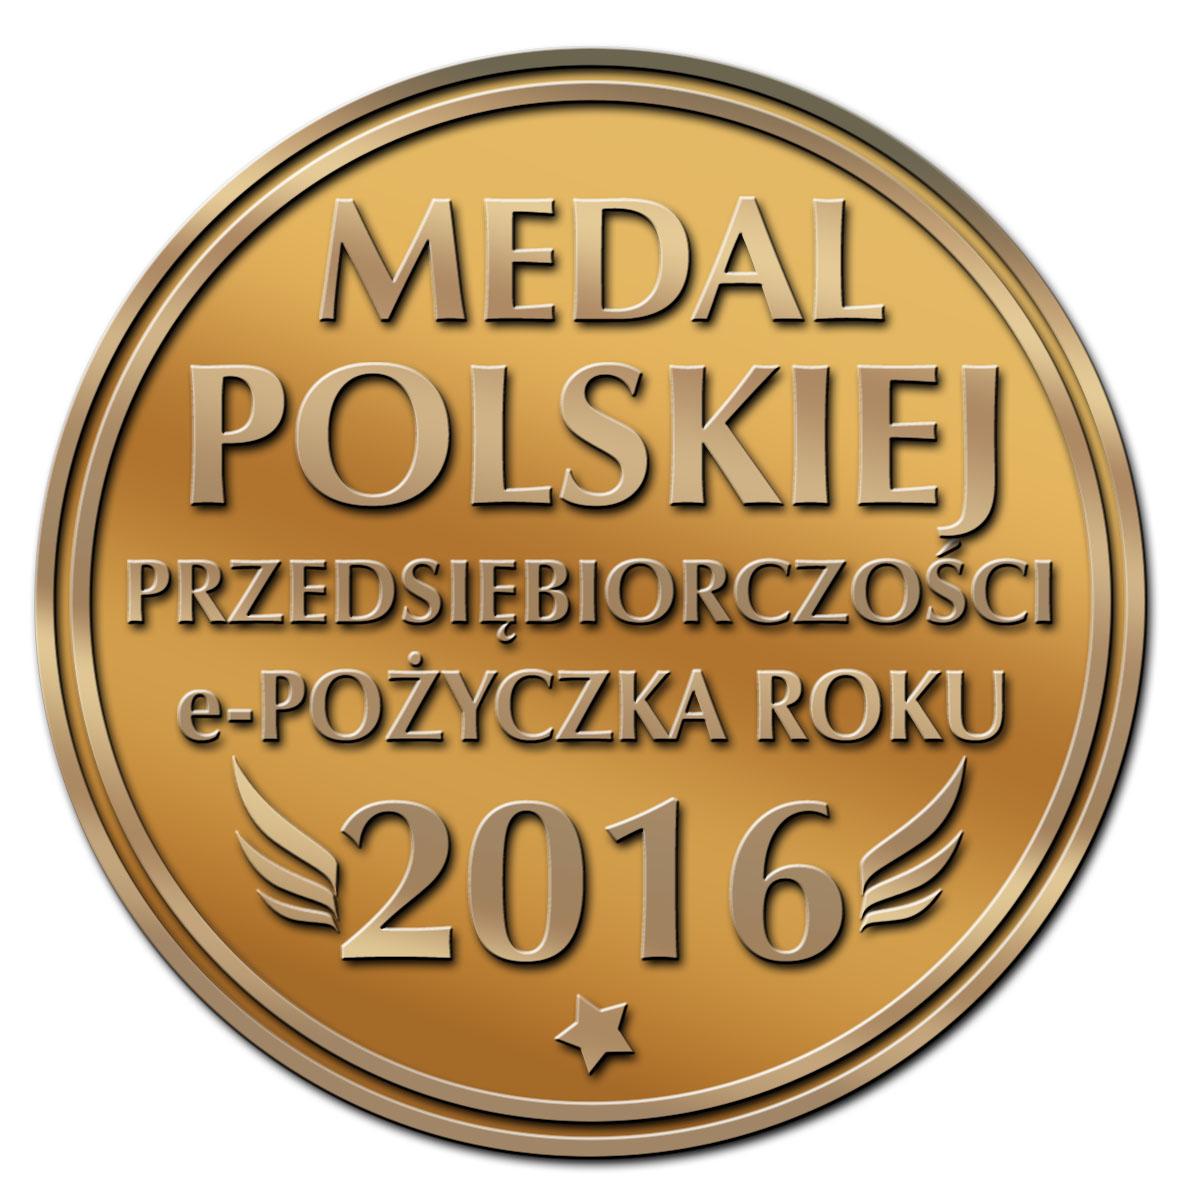 e-POŻYCZKA 2016